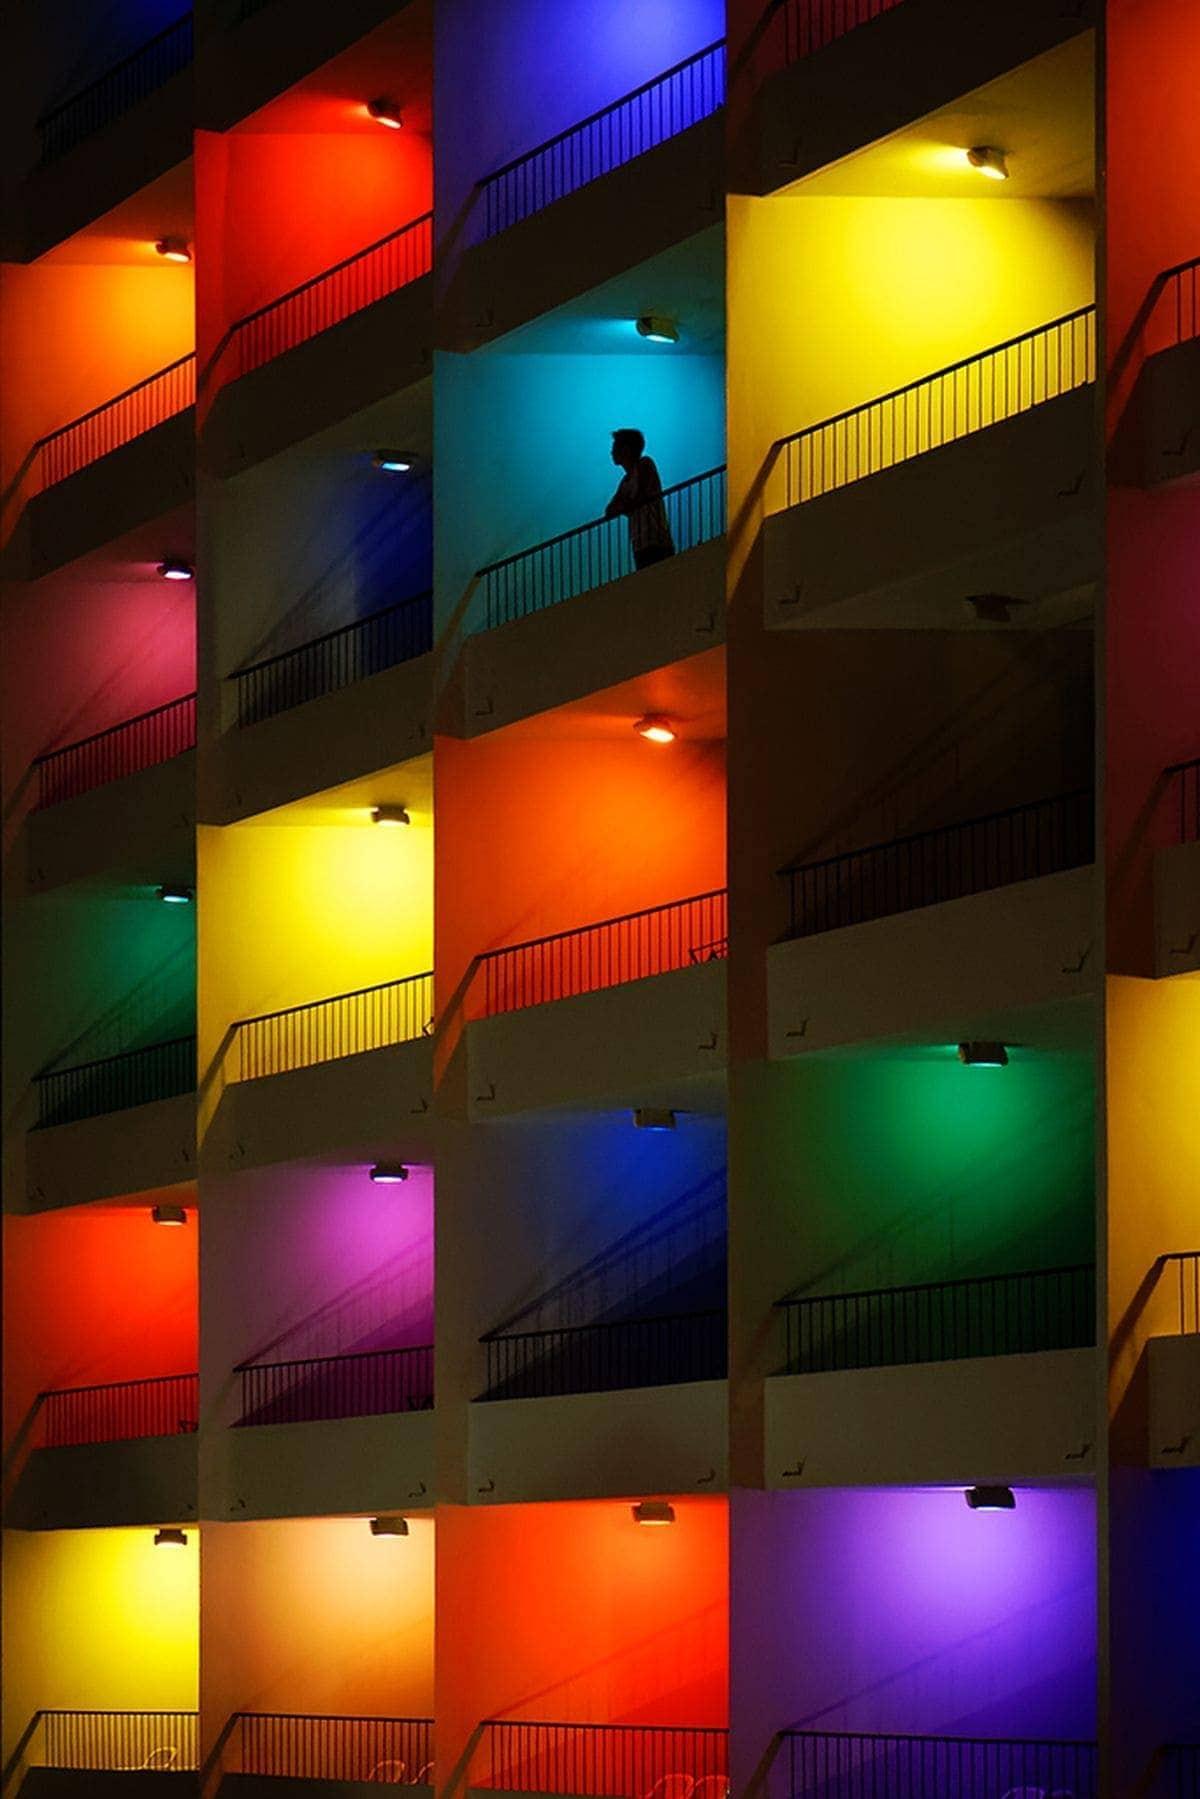 Farbenfrohe Nachtaufnahmen von Yann Lecoeur | Fotografie | Was is hier eigentlich los?